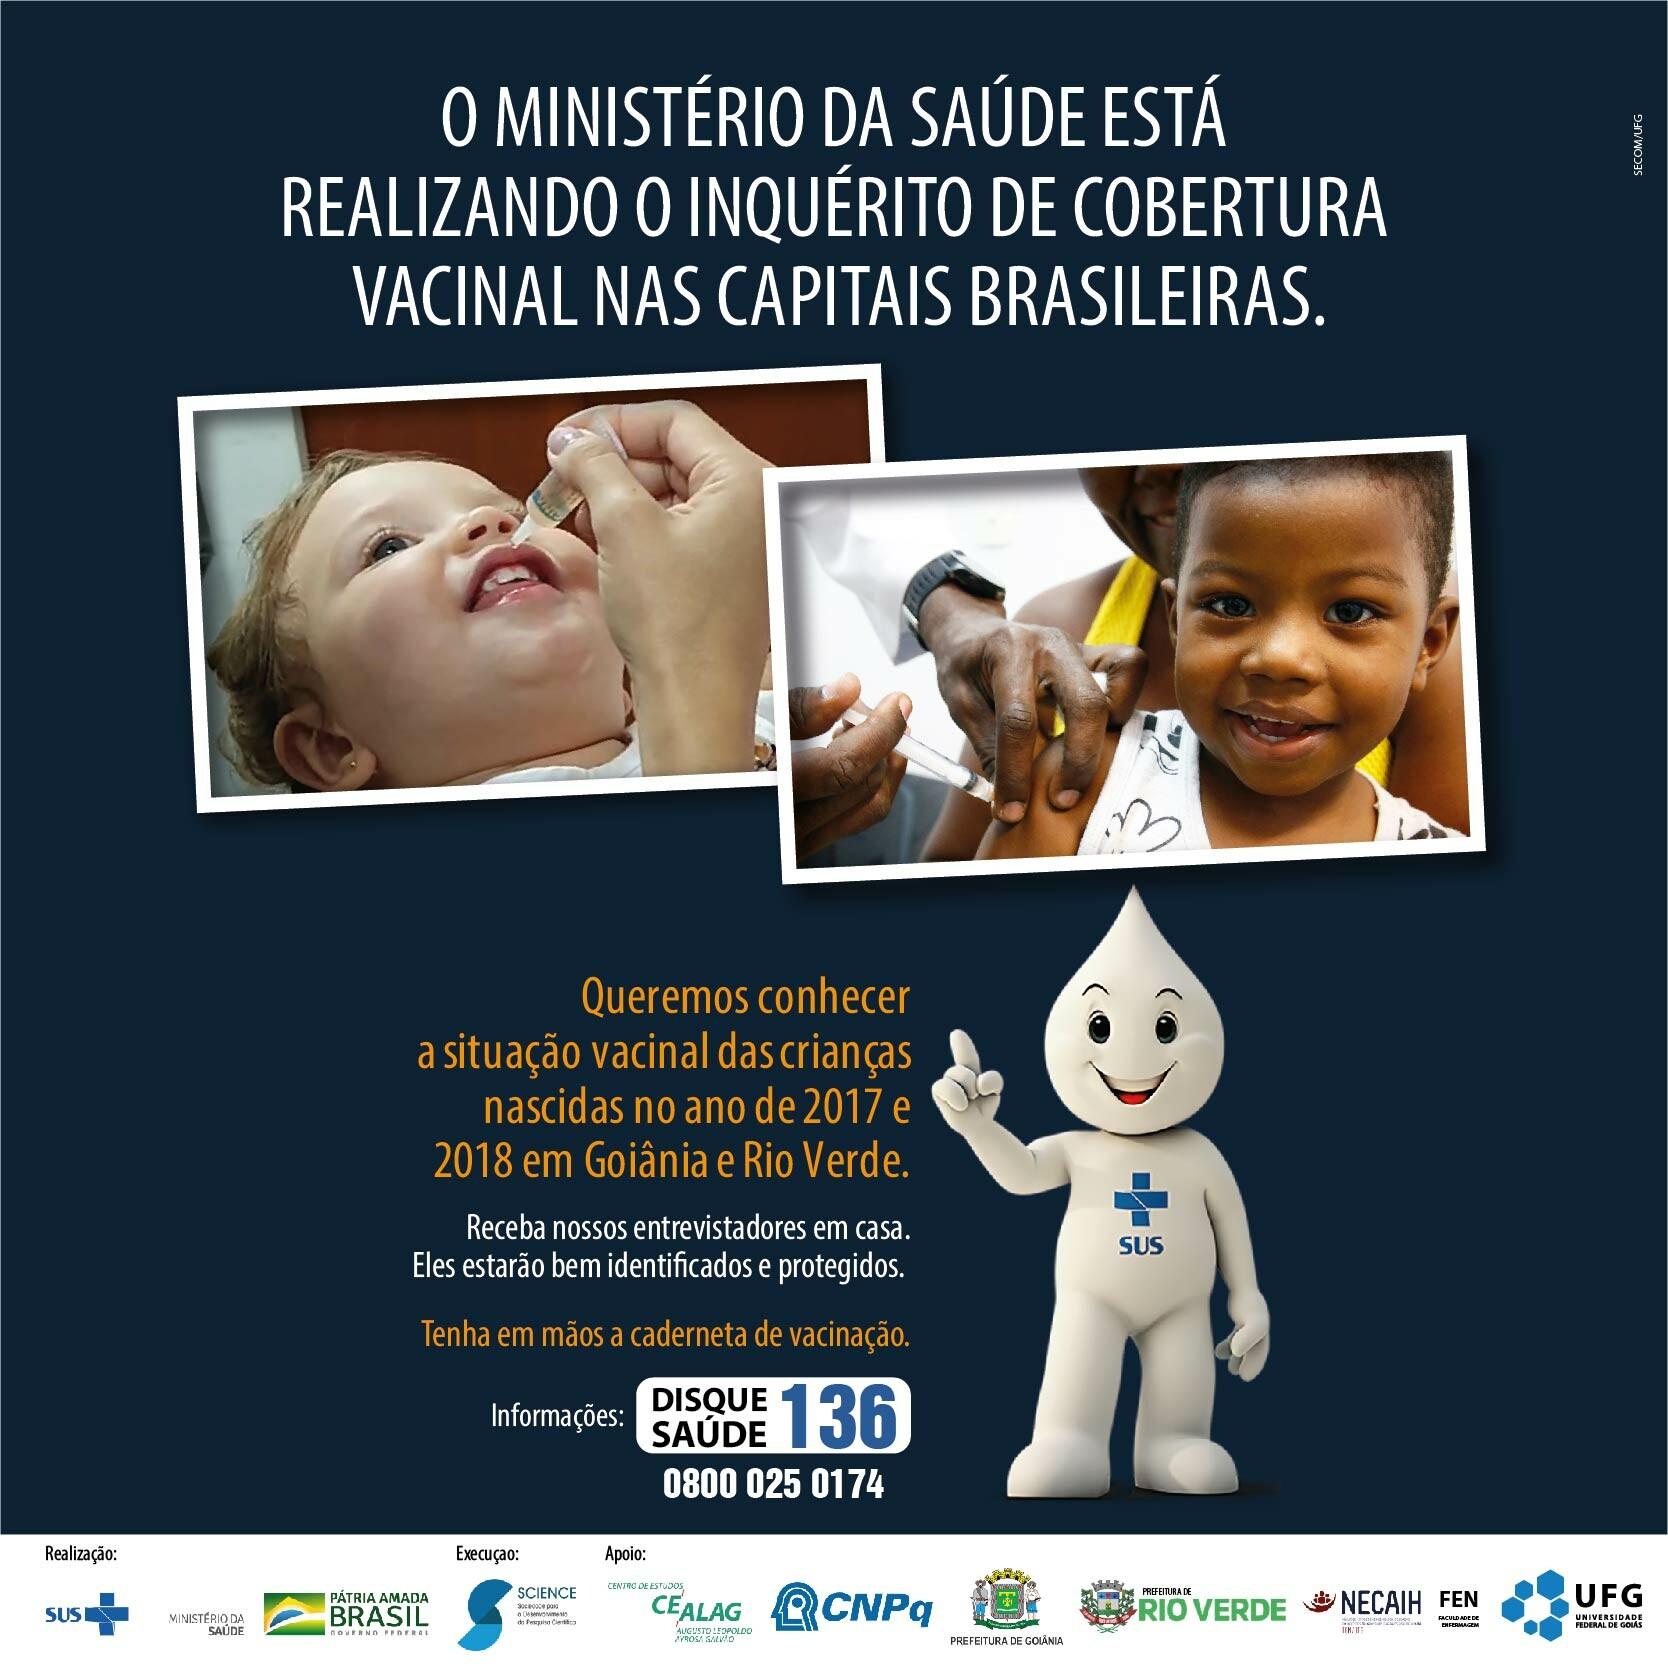 C21-FEN-181_-_POST_-_Inquérito_de_cobertura_vacinal_Prancheta_1 (2)